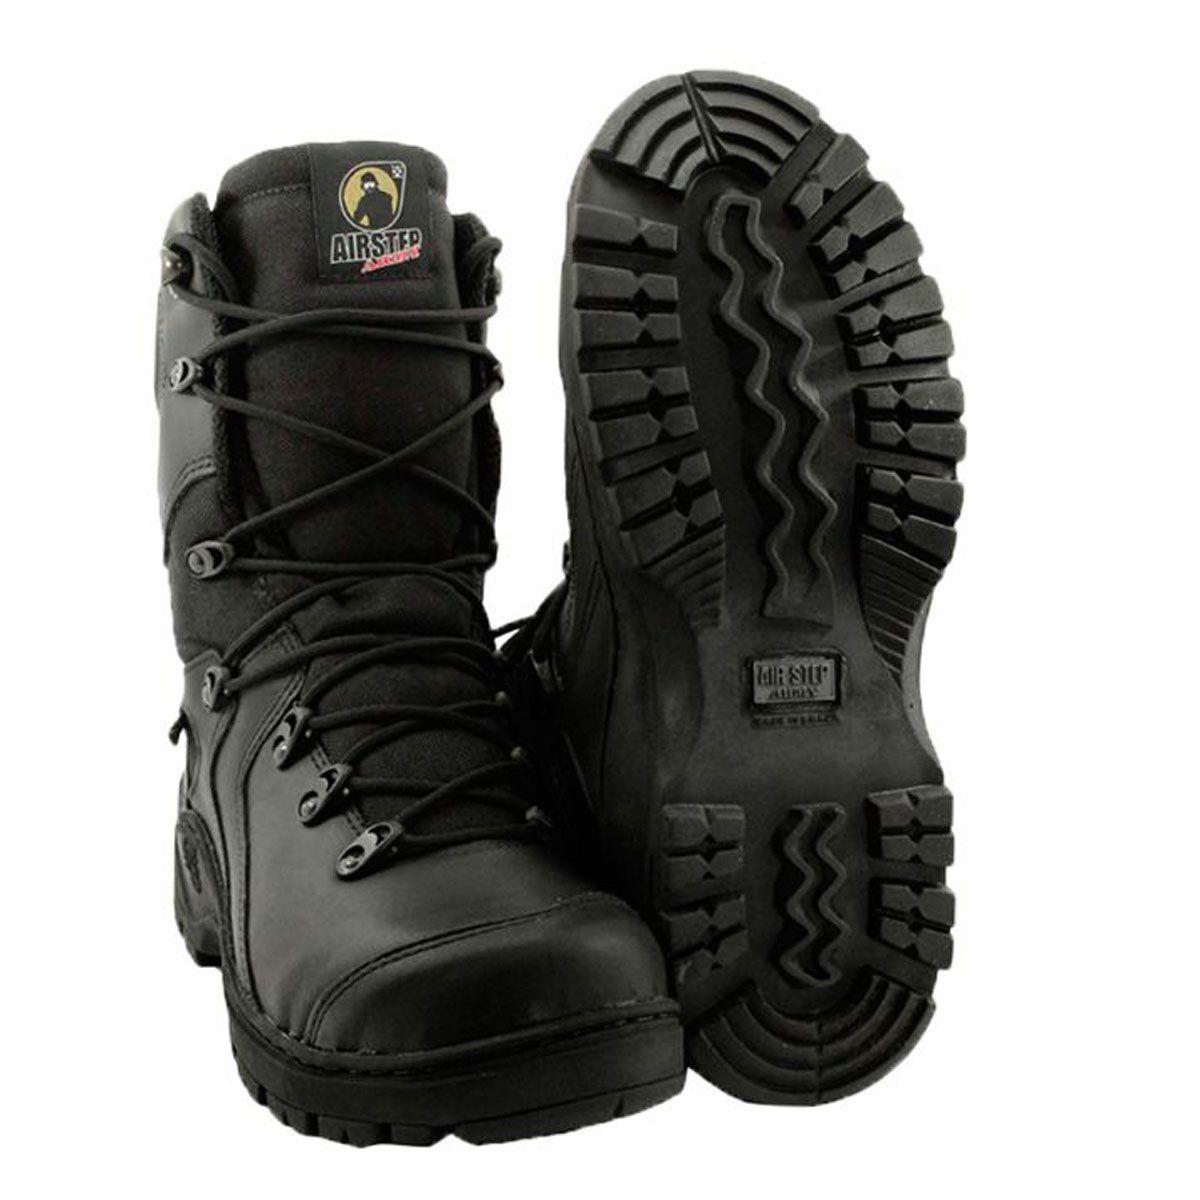 Bota / Coturno Militar Tático Airstep ref: 8990-1 Black Squad